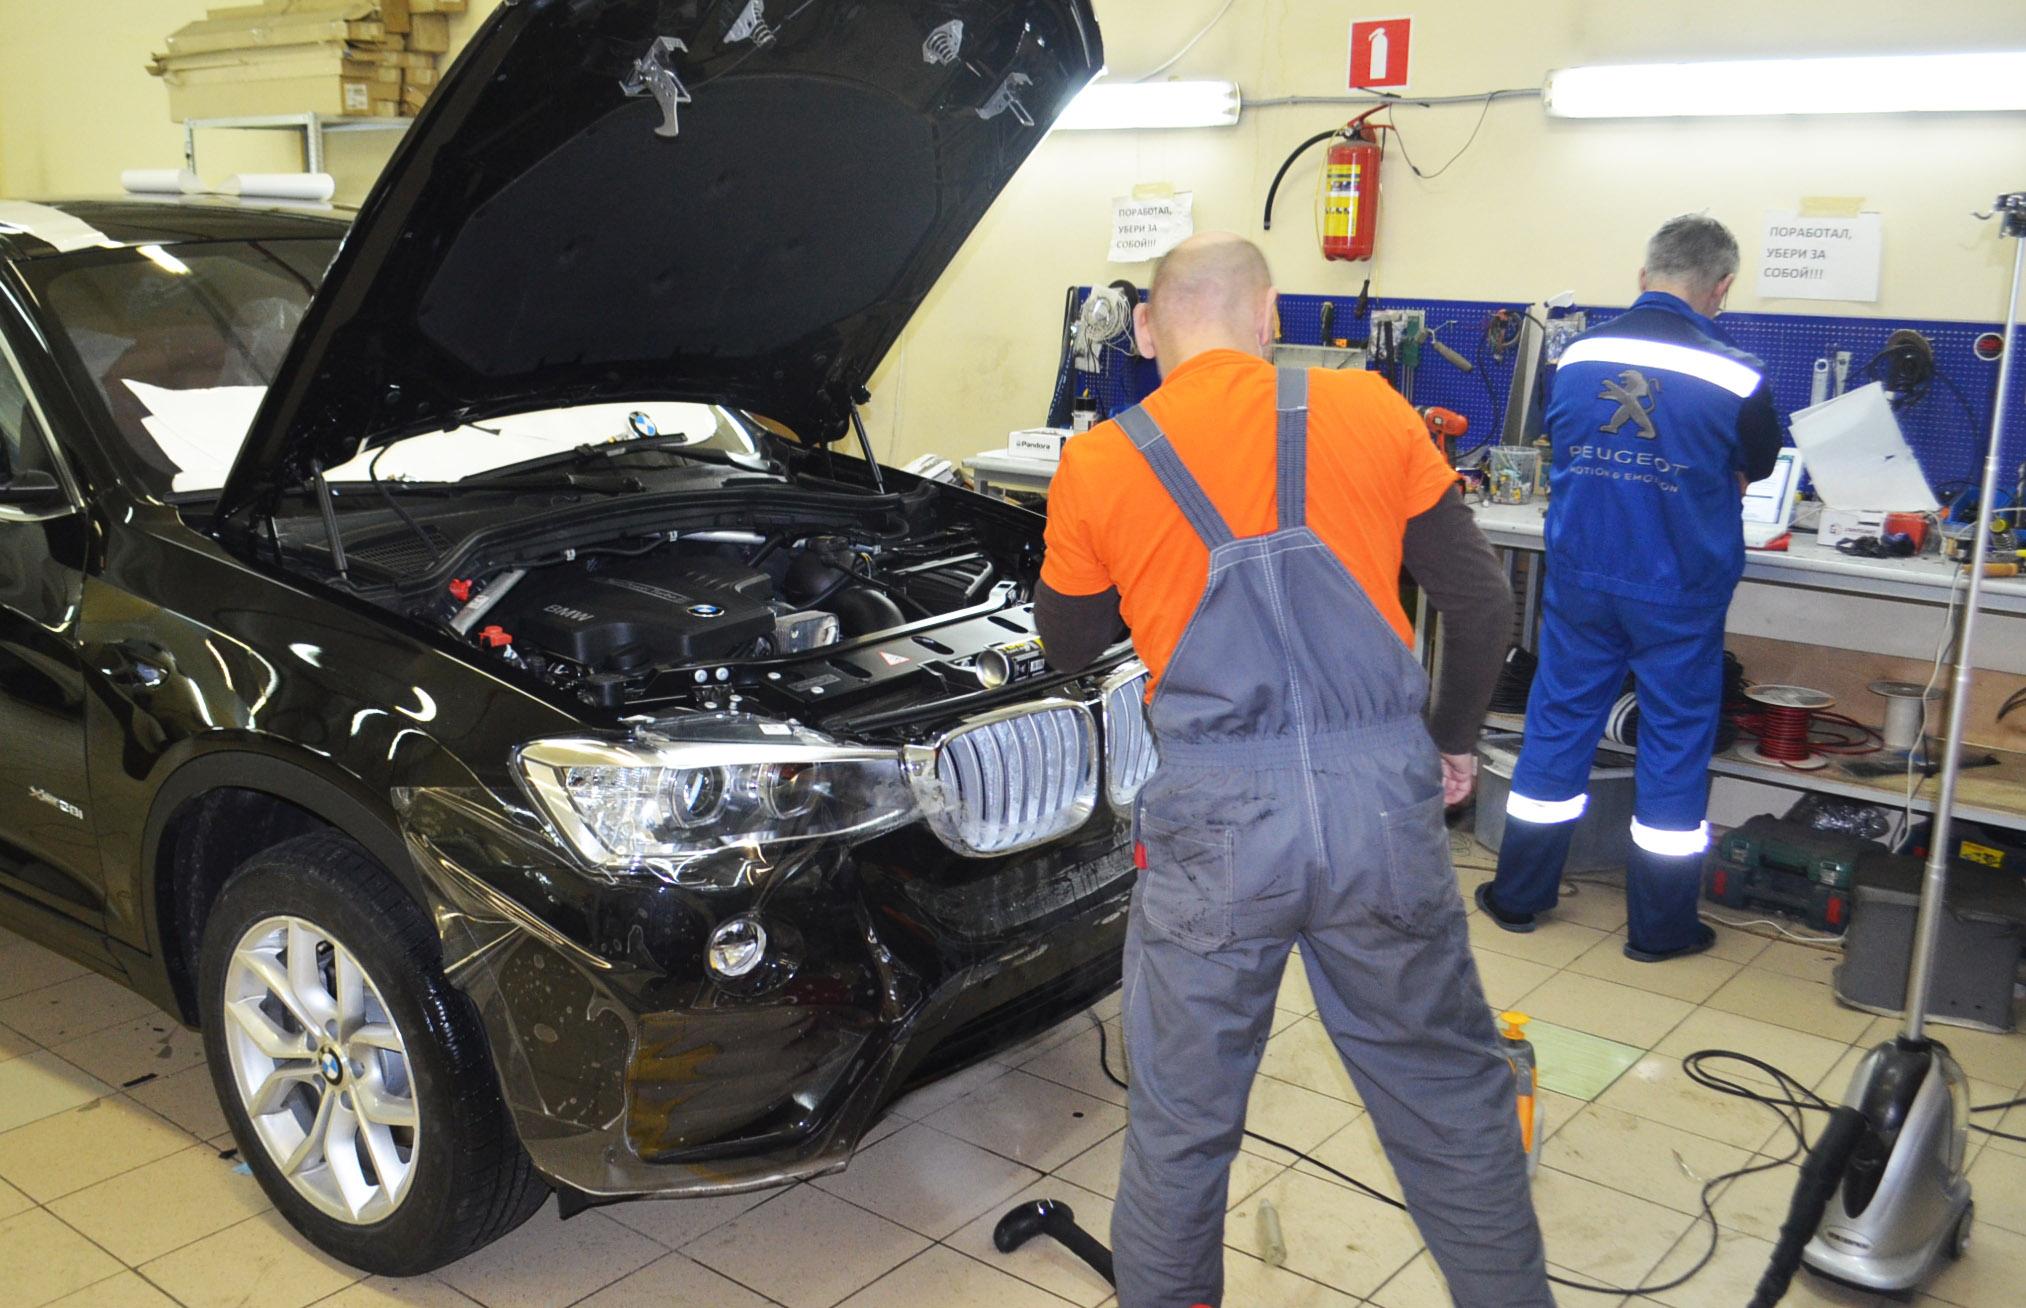 Оклейка BMW X4 антигравийной пленкой